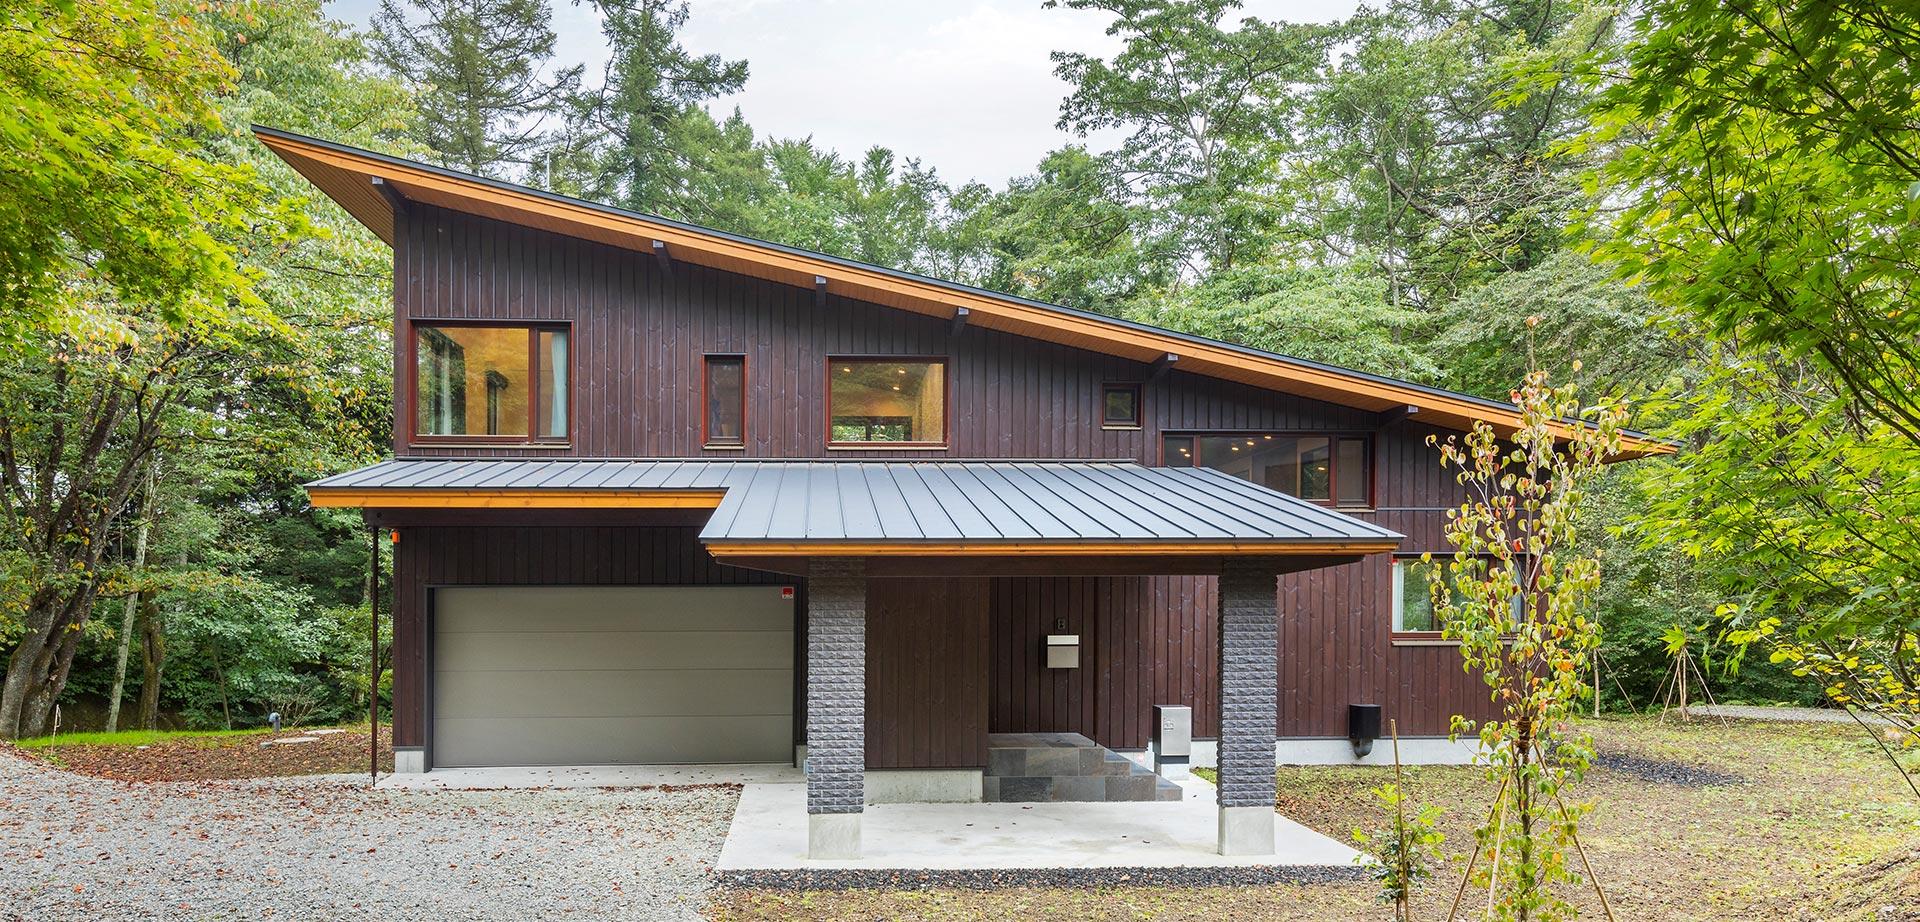 エントランスの反対側には小川の流れるロケーションに建つ片流れ屋根の家